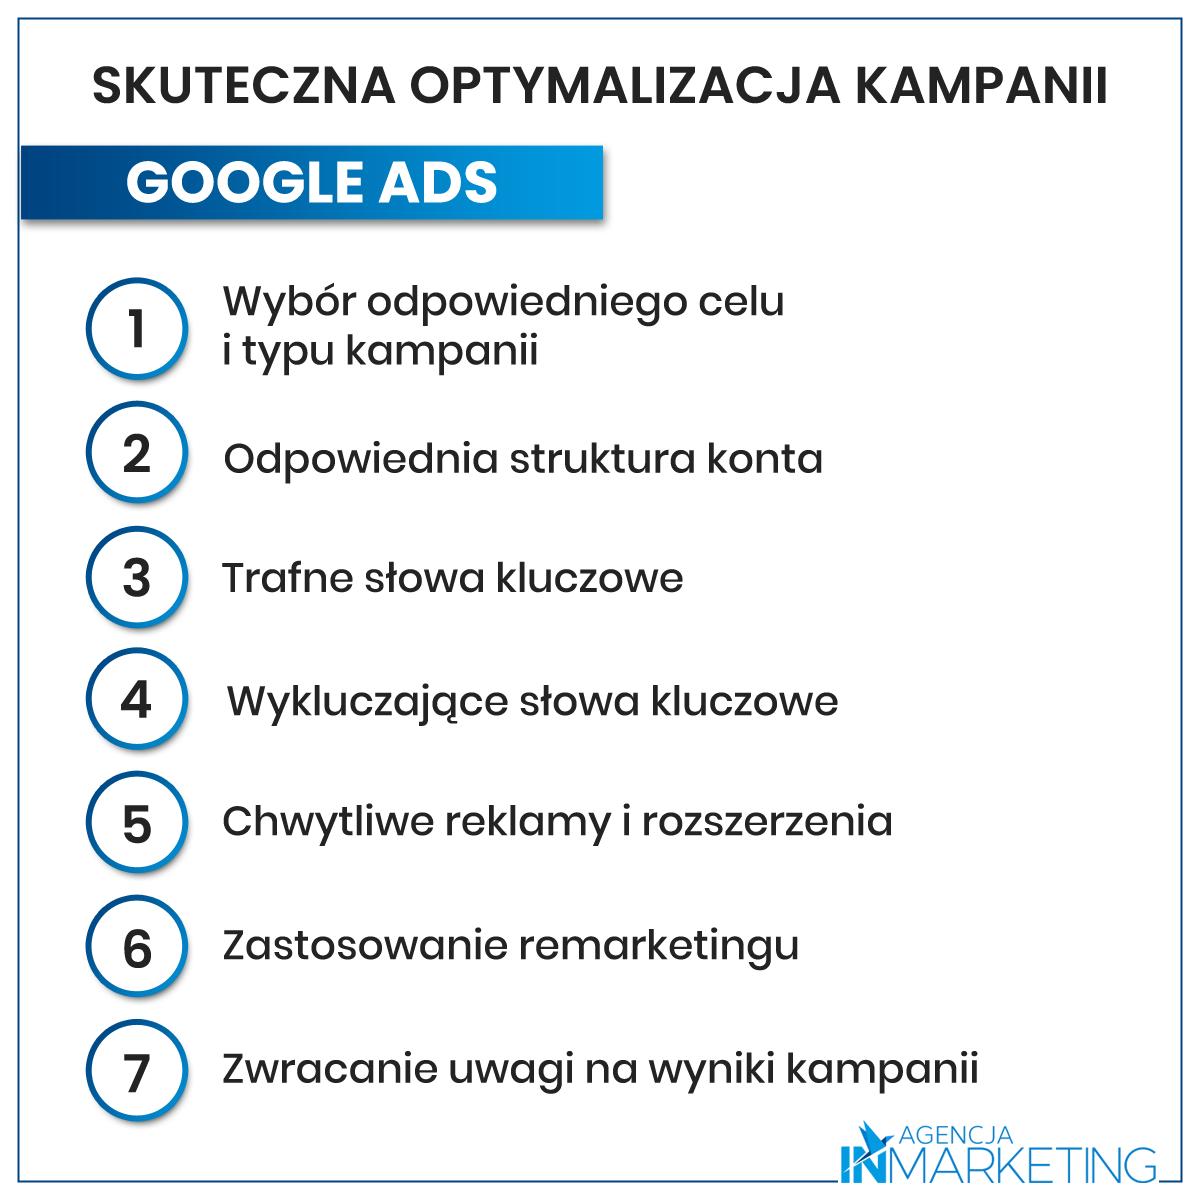 Optymalizacja kampanii Google Ads - infografika. Agencja InMarketing.